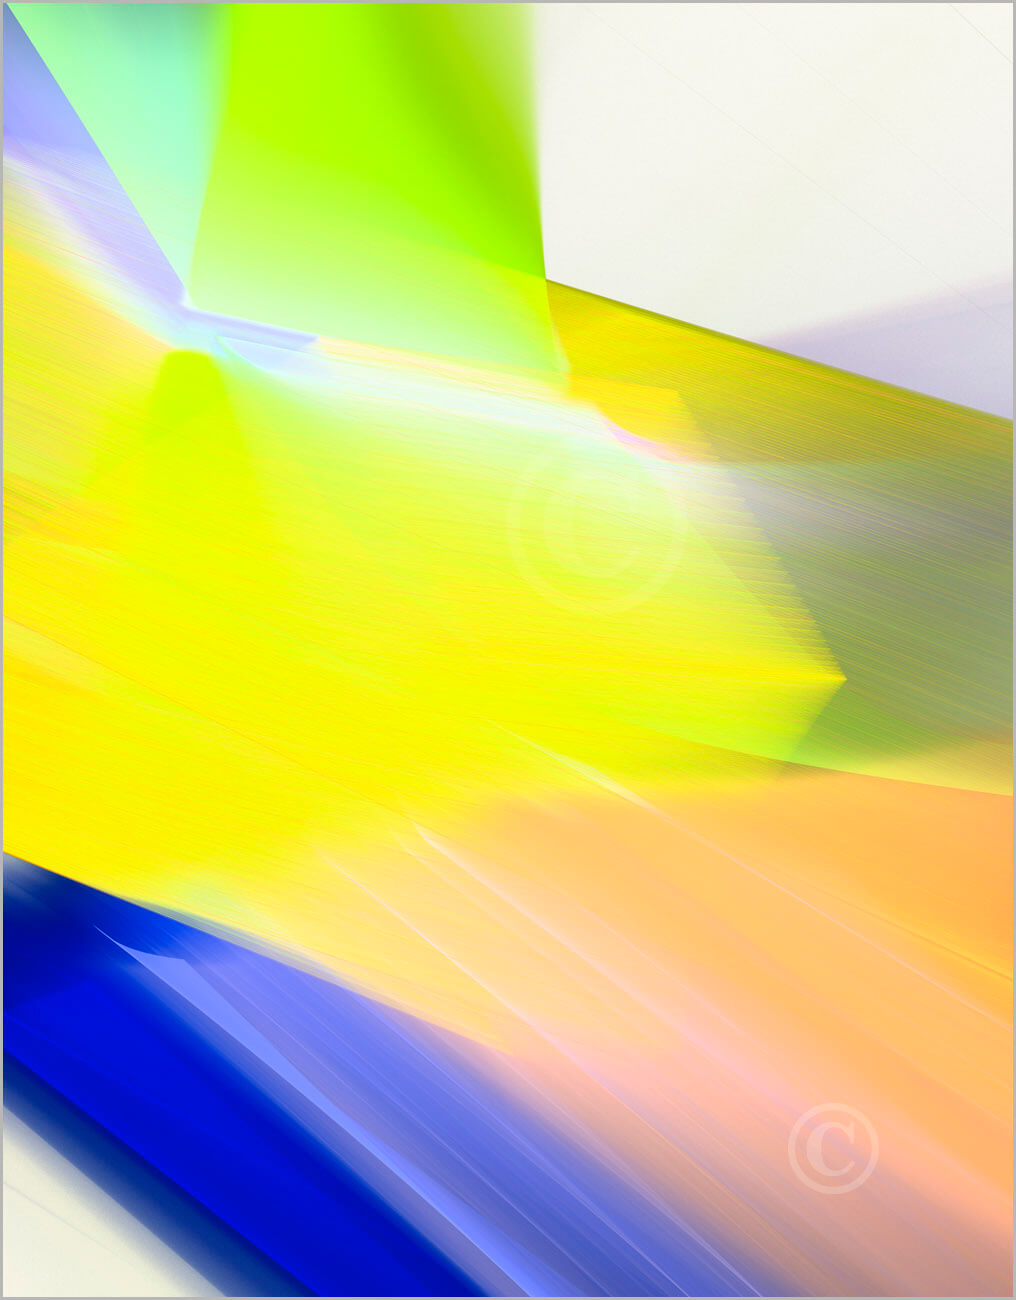 Colorshapes_F2_3104_L